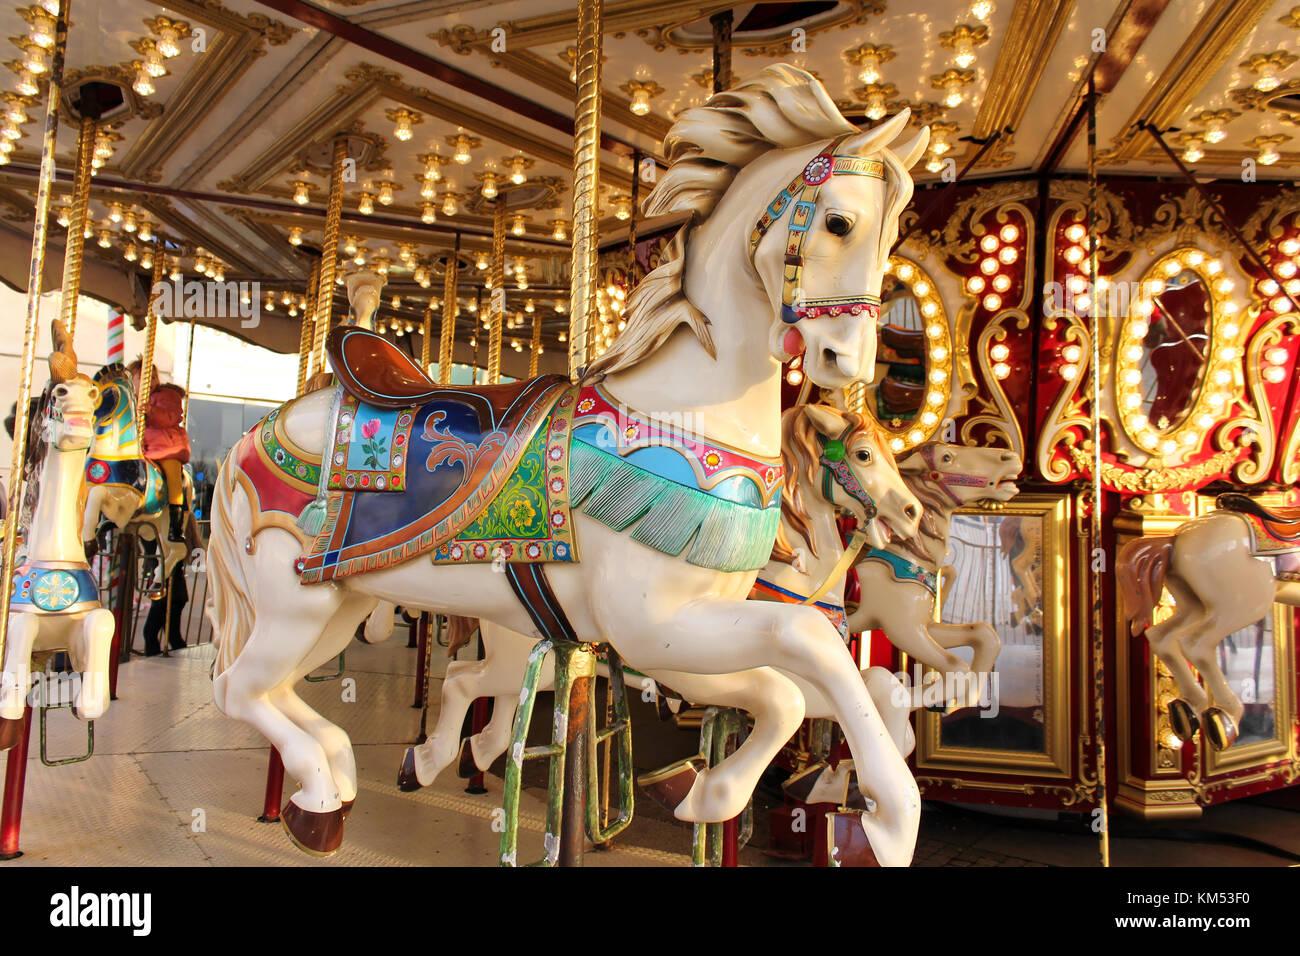 Antique ride in paris - 1 part 5